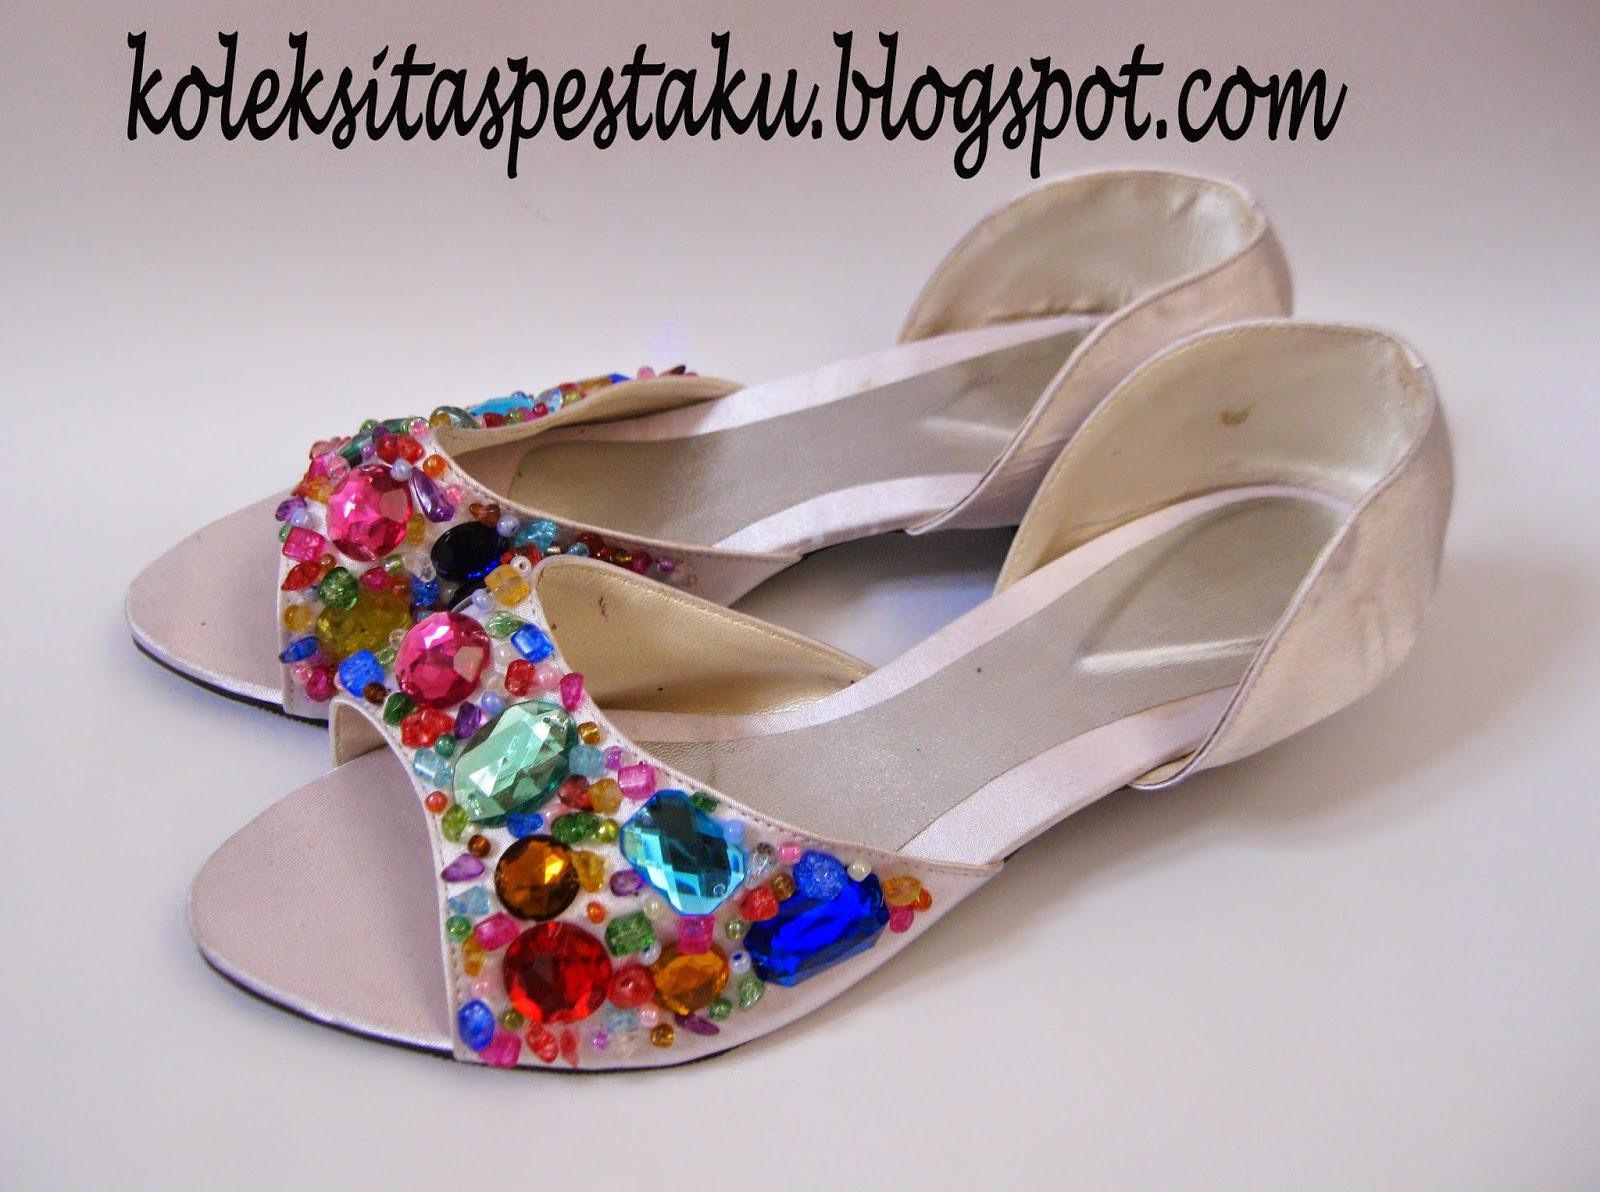 Sepatu putih payet penuh warna koleksi tas pesta unik